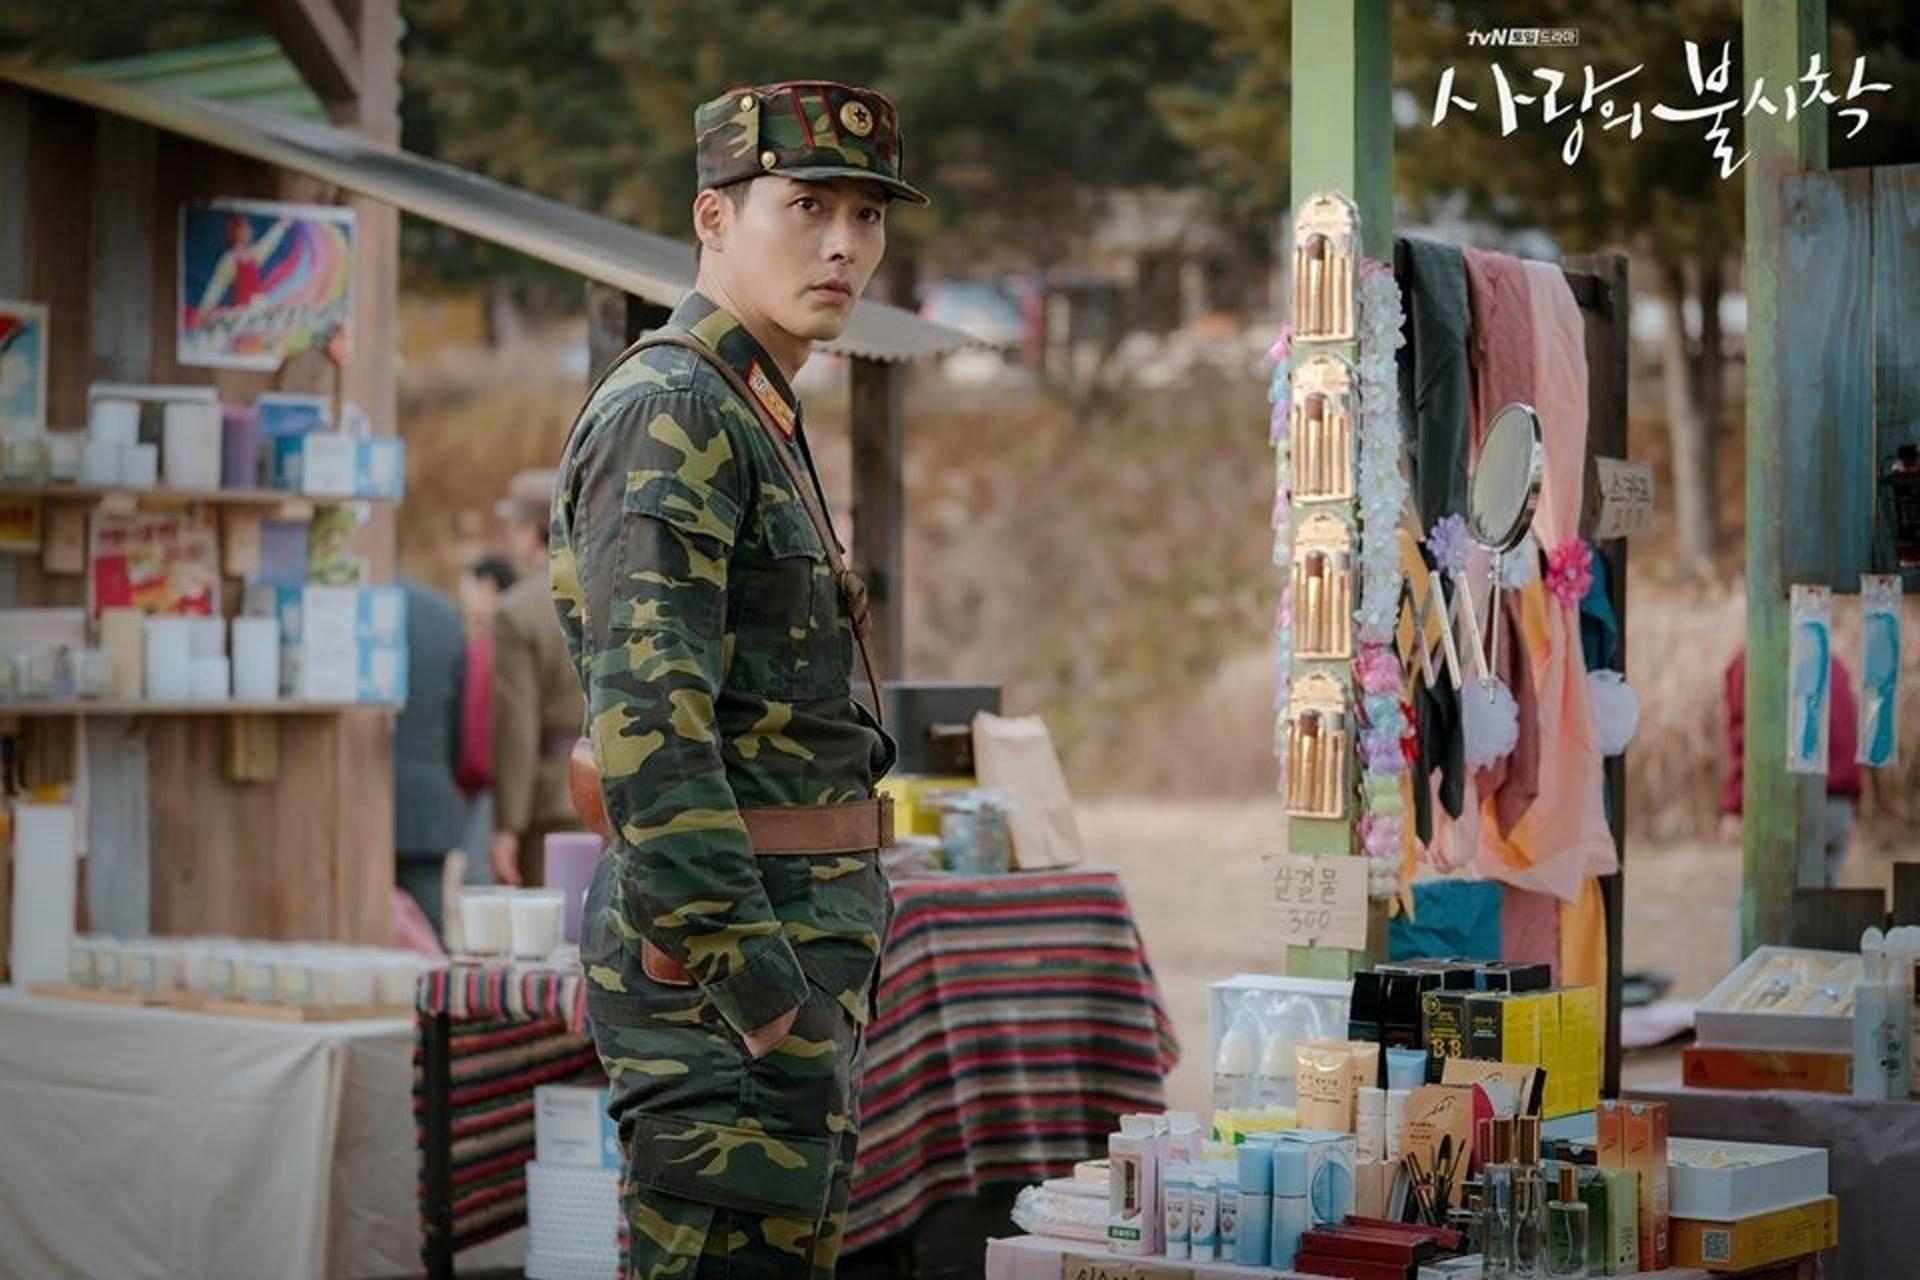 他在劇中飾演的型爆北韓軍人。(劇照)